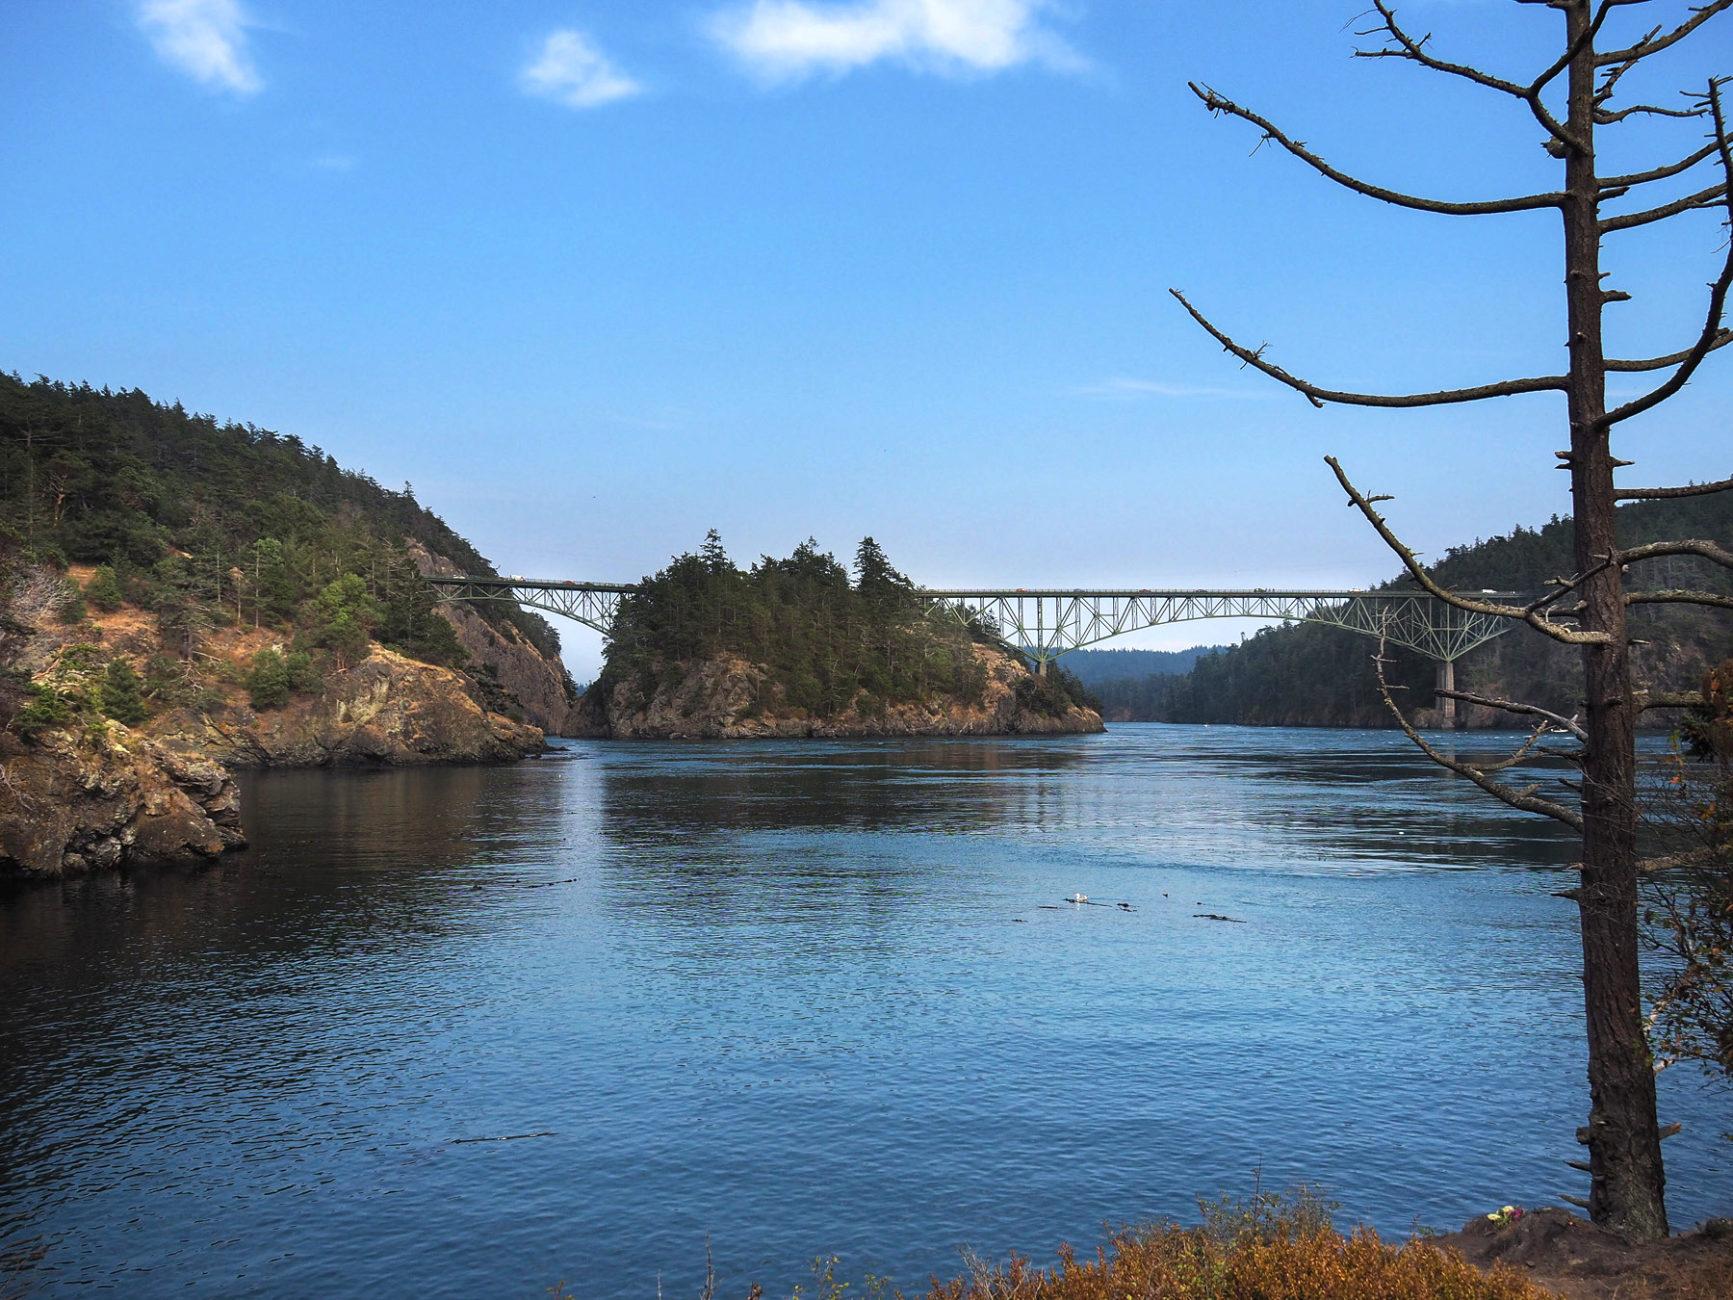 Washington, Desception Bay, wunderschöne Küste und Campingplatz